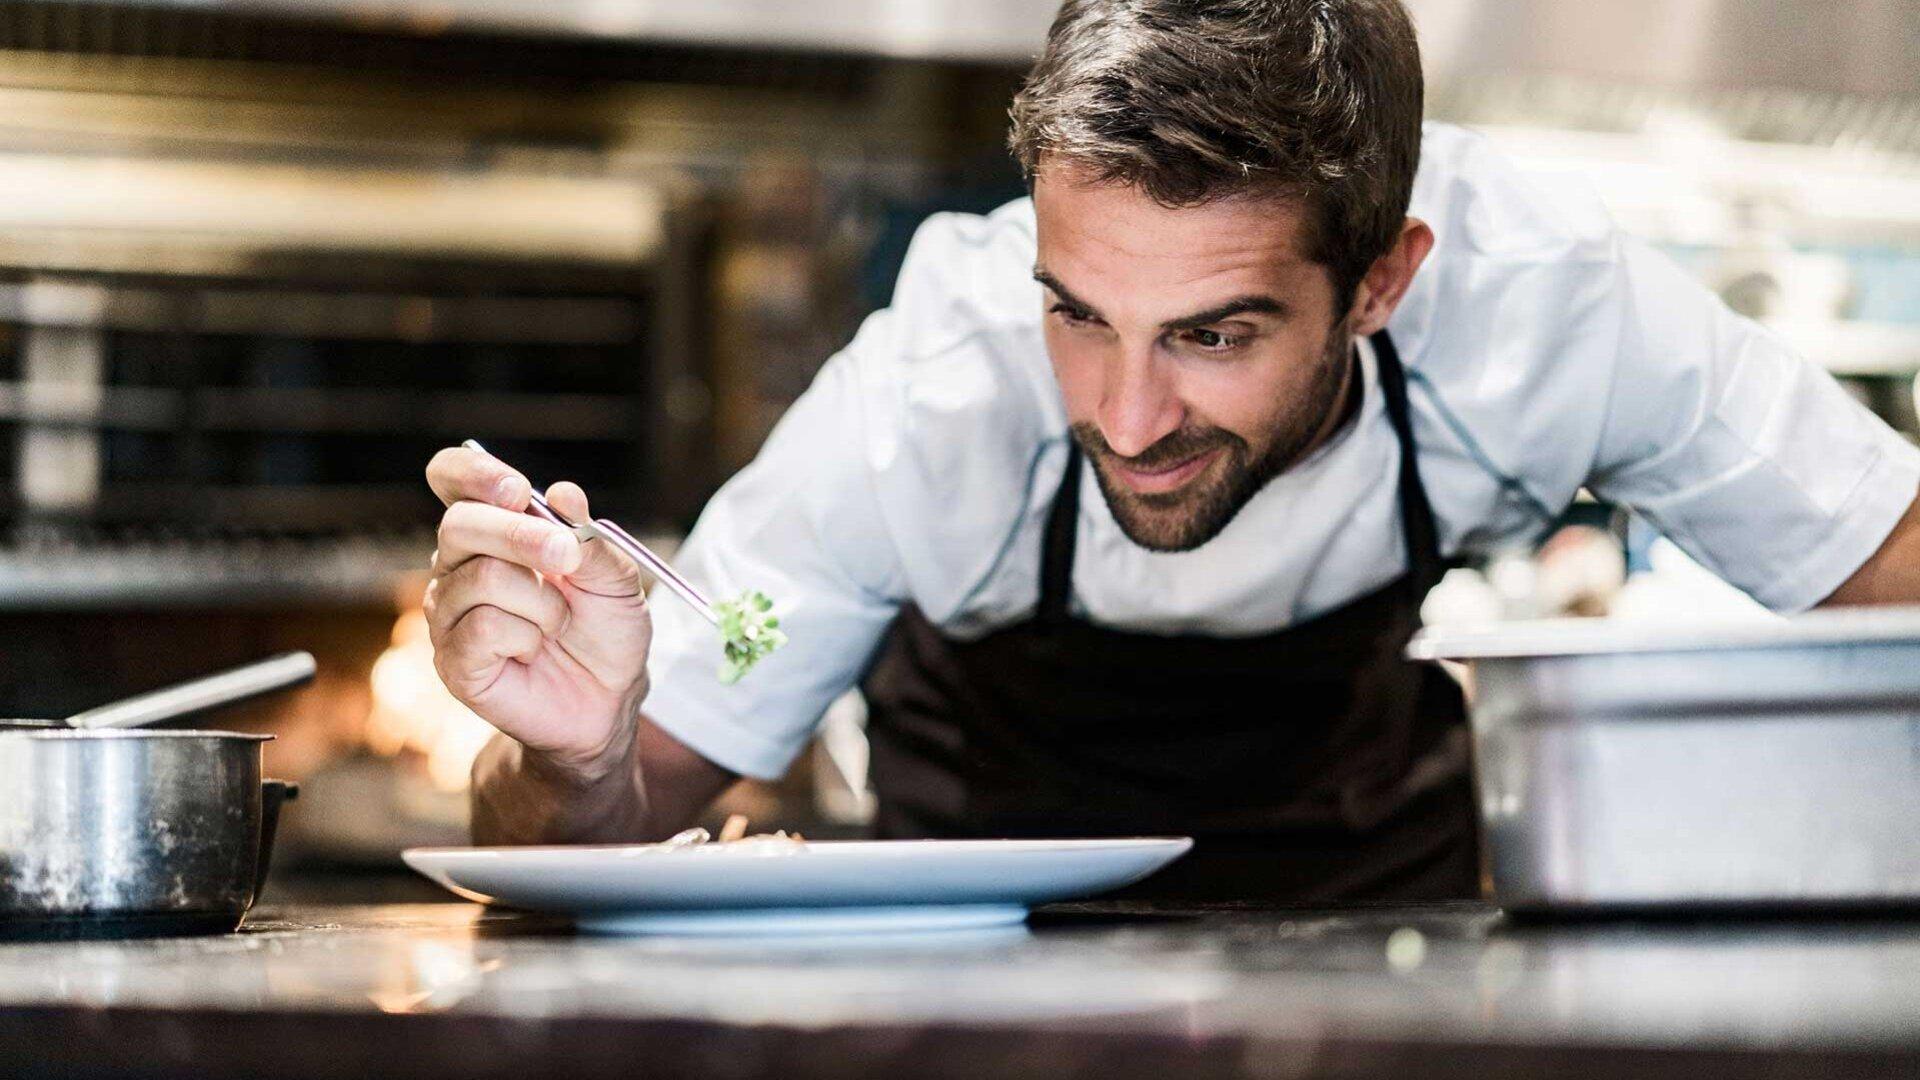 Cook is preparing food on plate